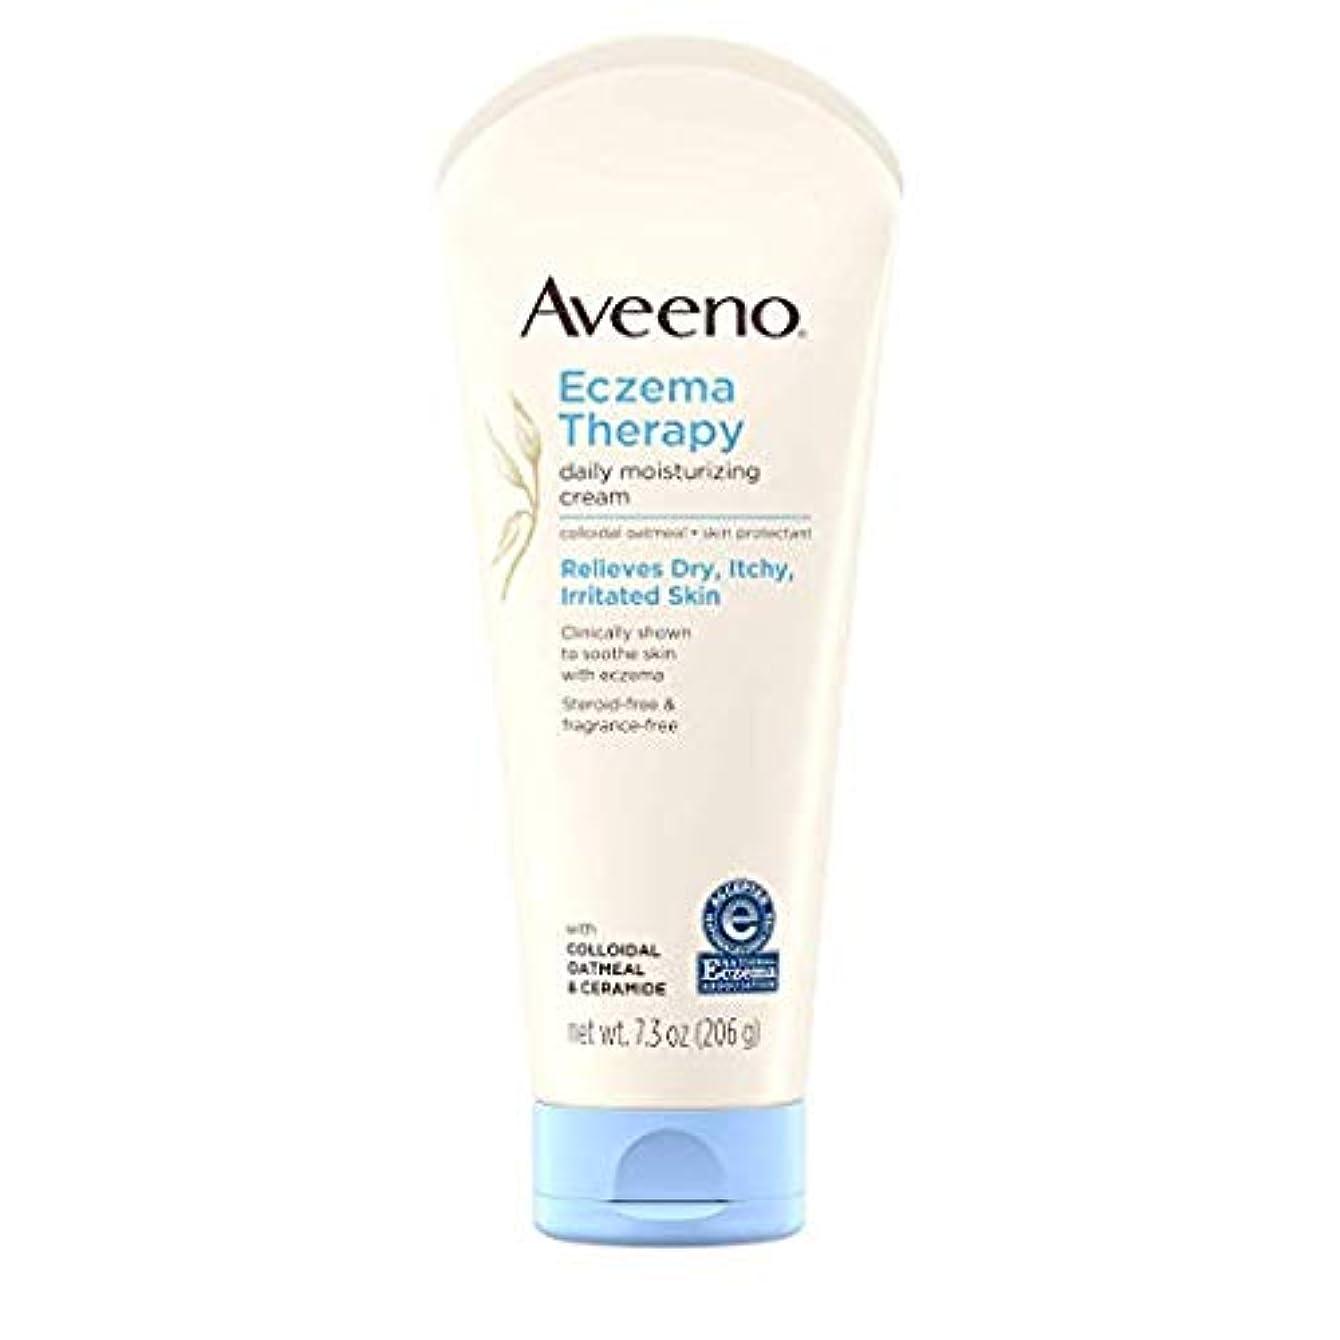 八百屋幸福電化するAveeno - Eczema Therapy Moisturizing Cream - 7.3 oz (206 g) アビーノ 保湿クリーム [並行輸入品]